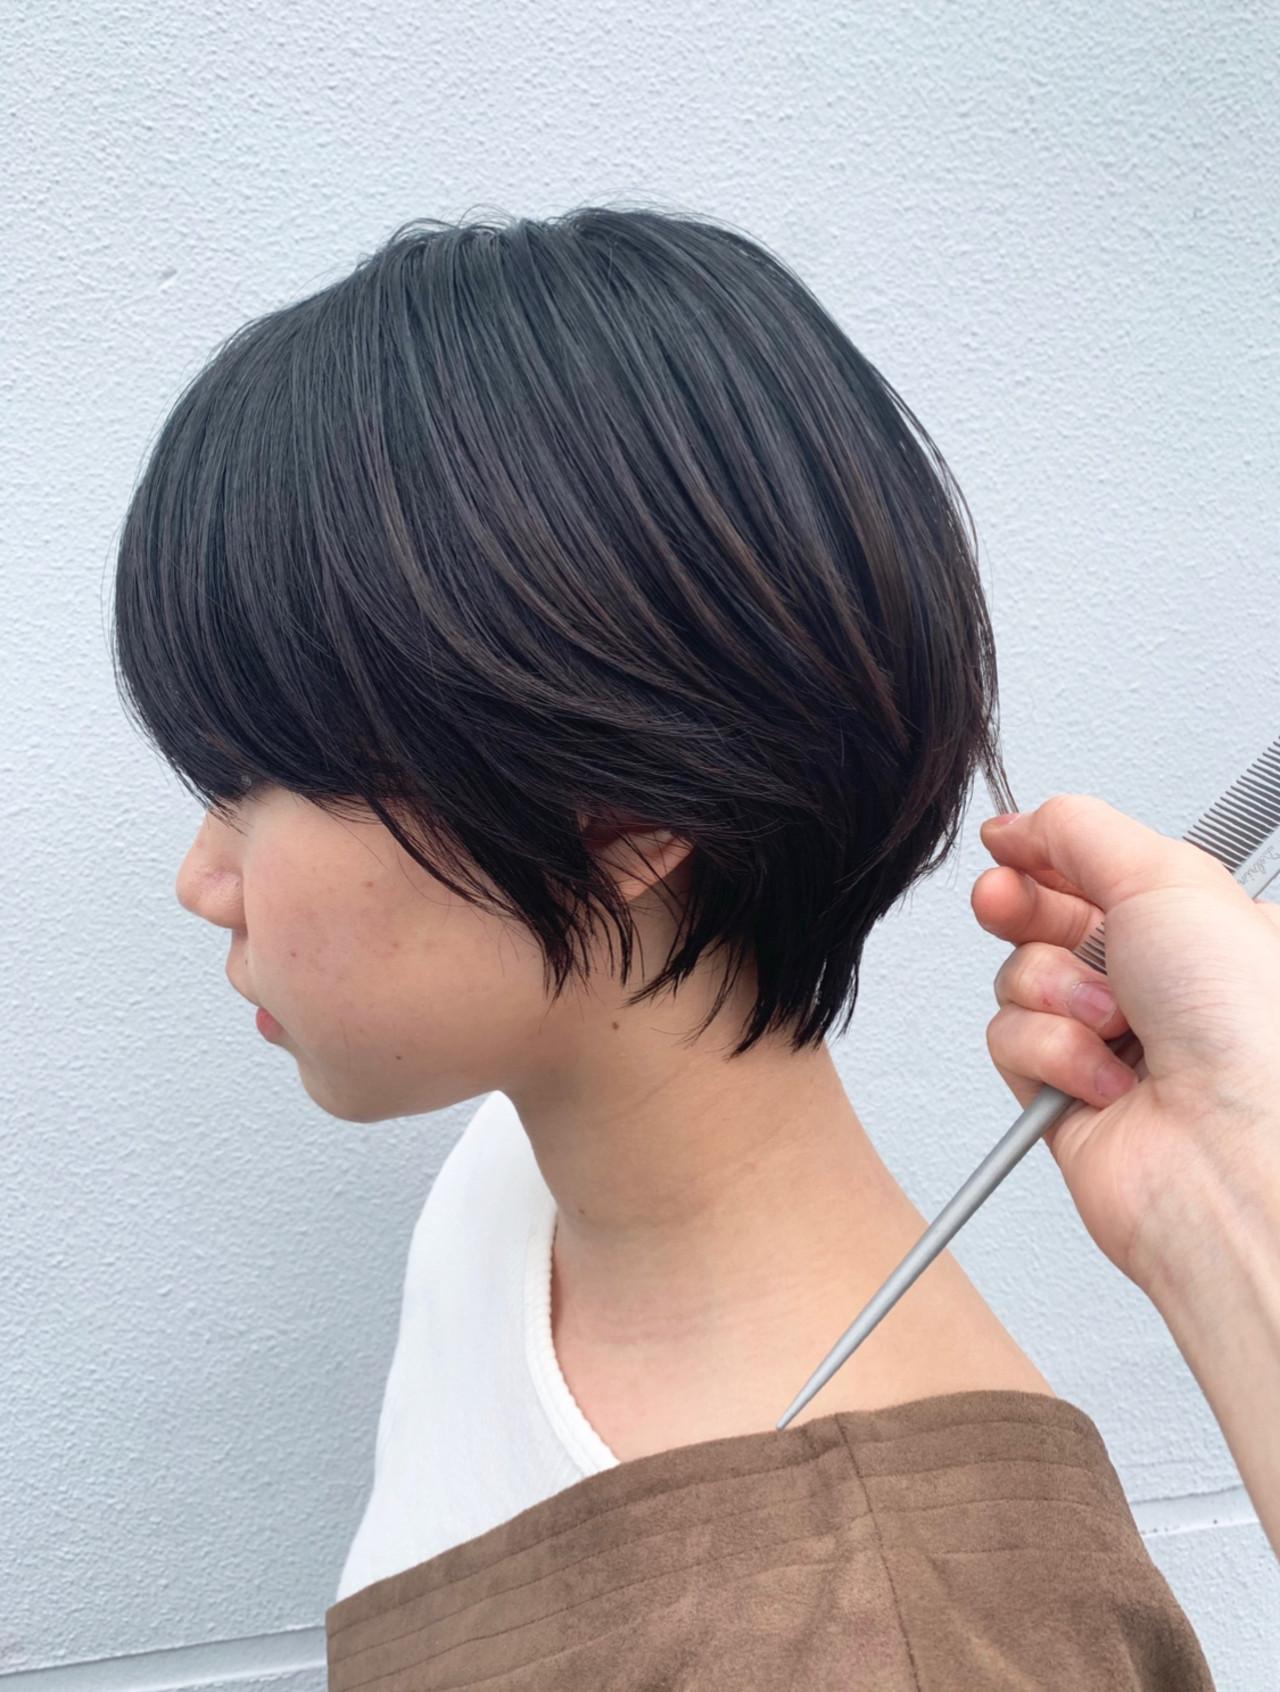 ナチュラル ショート ハンサムショート ゆるふわパーマ ヘアスタイルや髪型の写真・画像